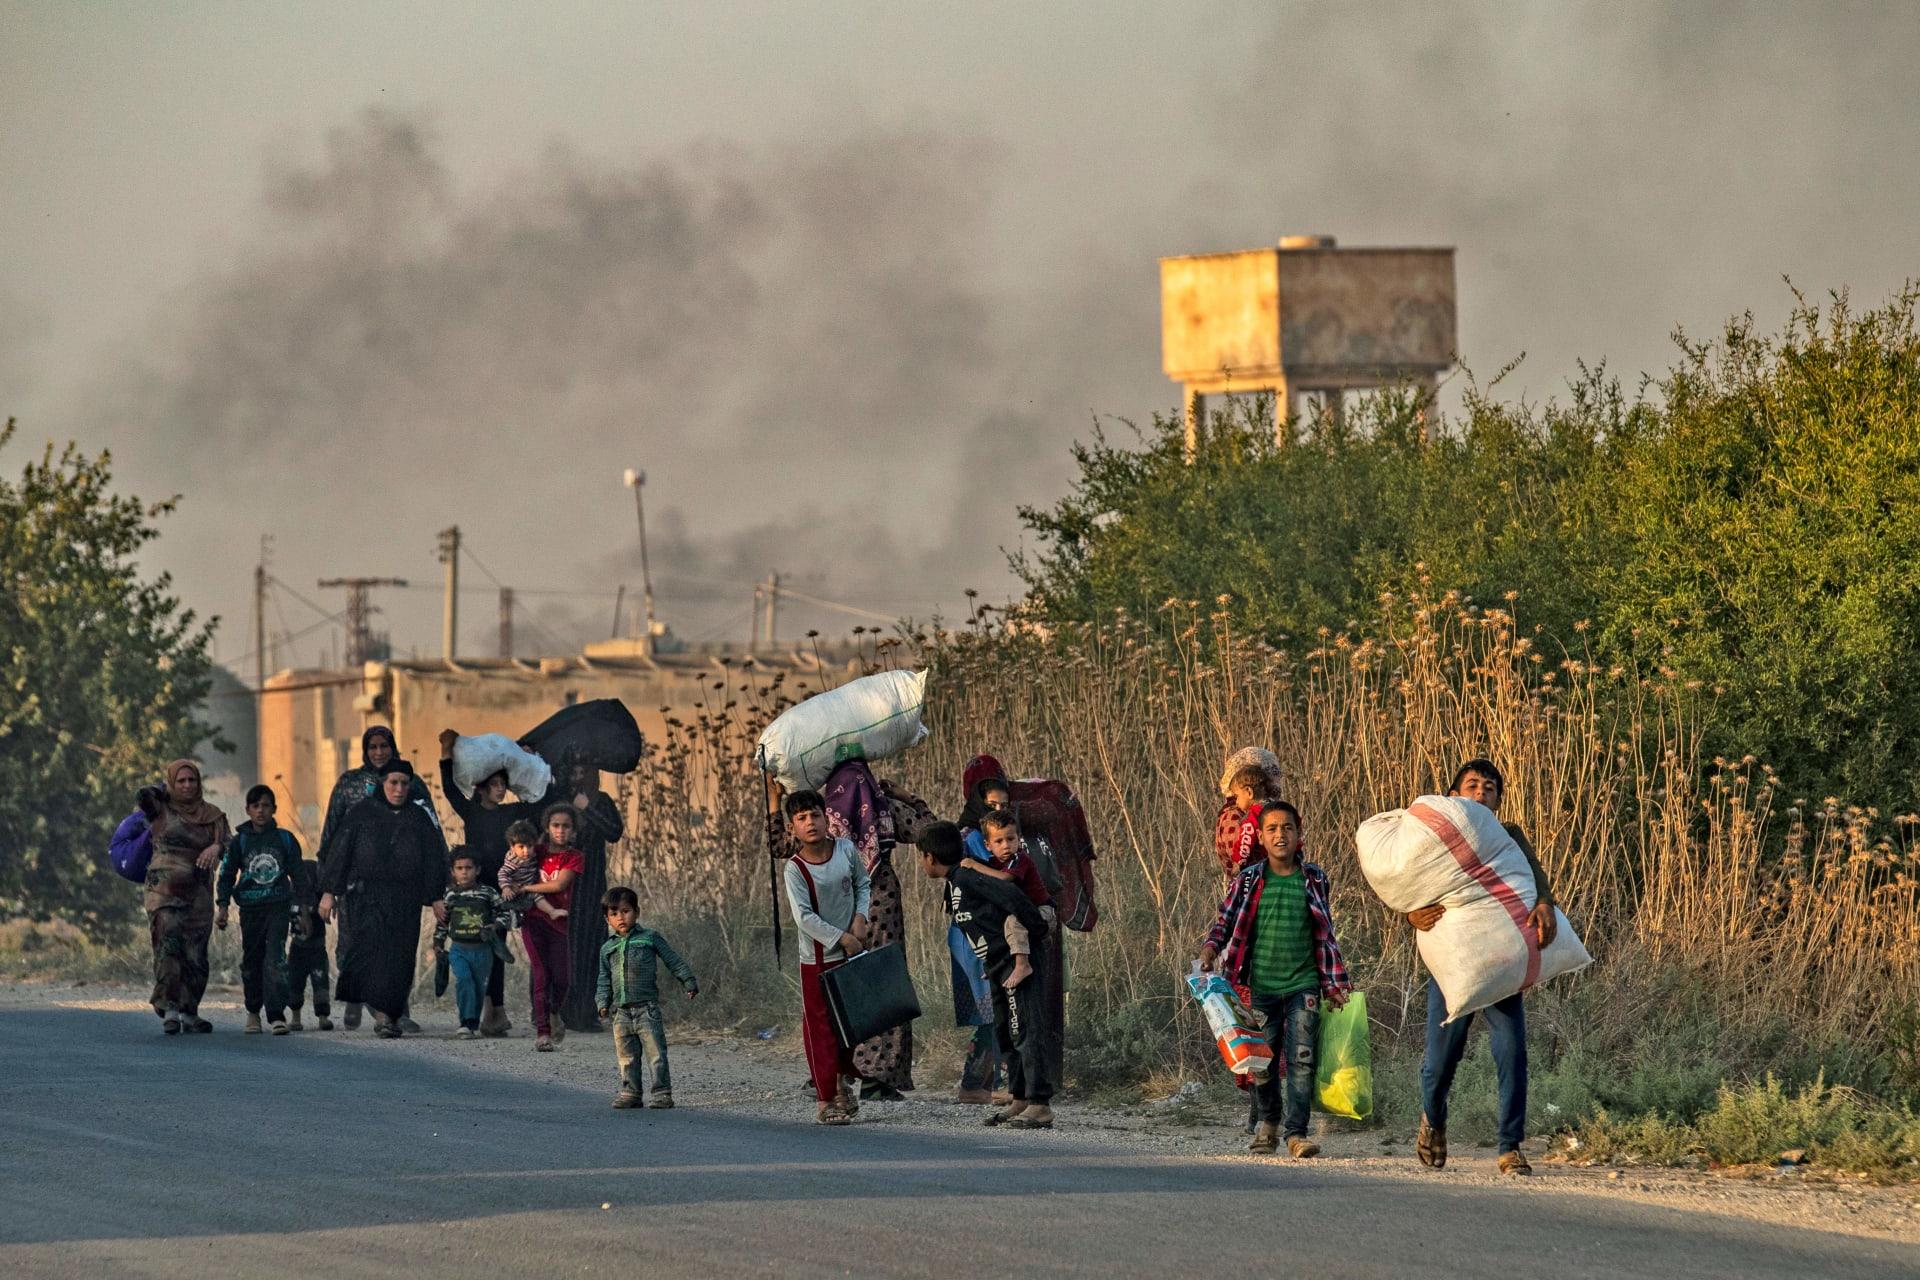 قوات سوريا الديمقراطية: رأس العين شهدت أعنف الغارات منذ بدء العملية التركية